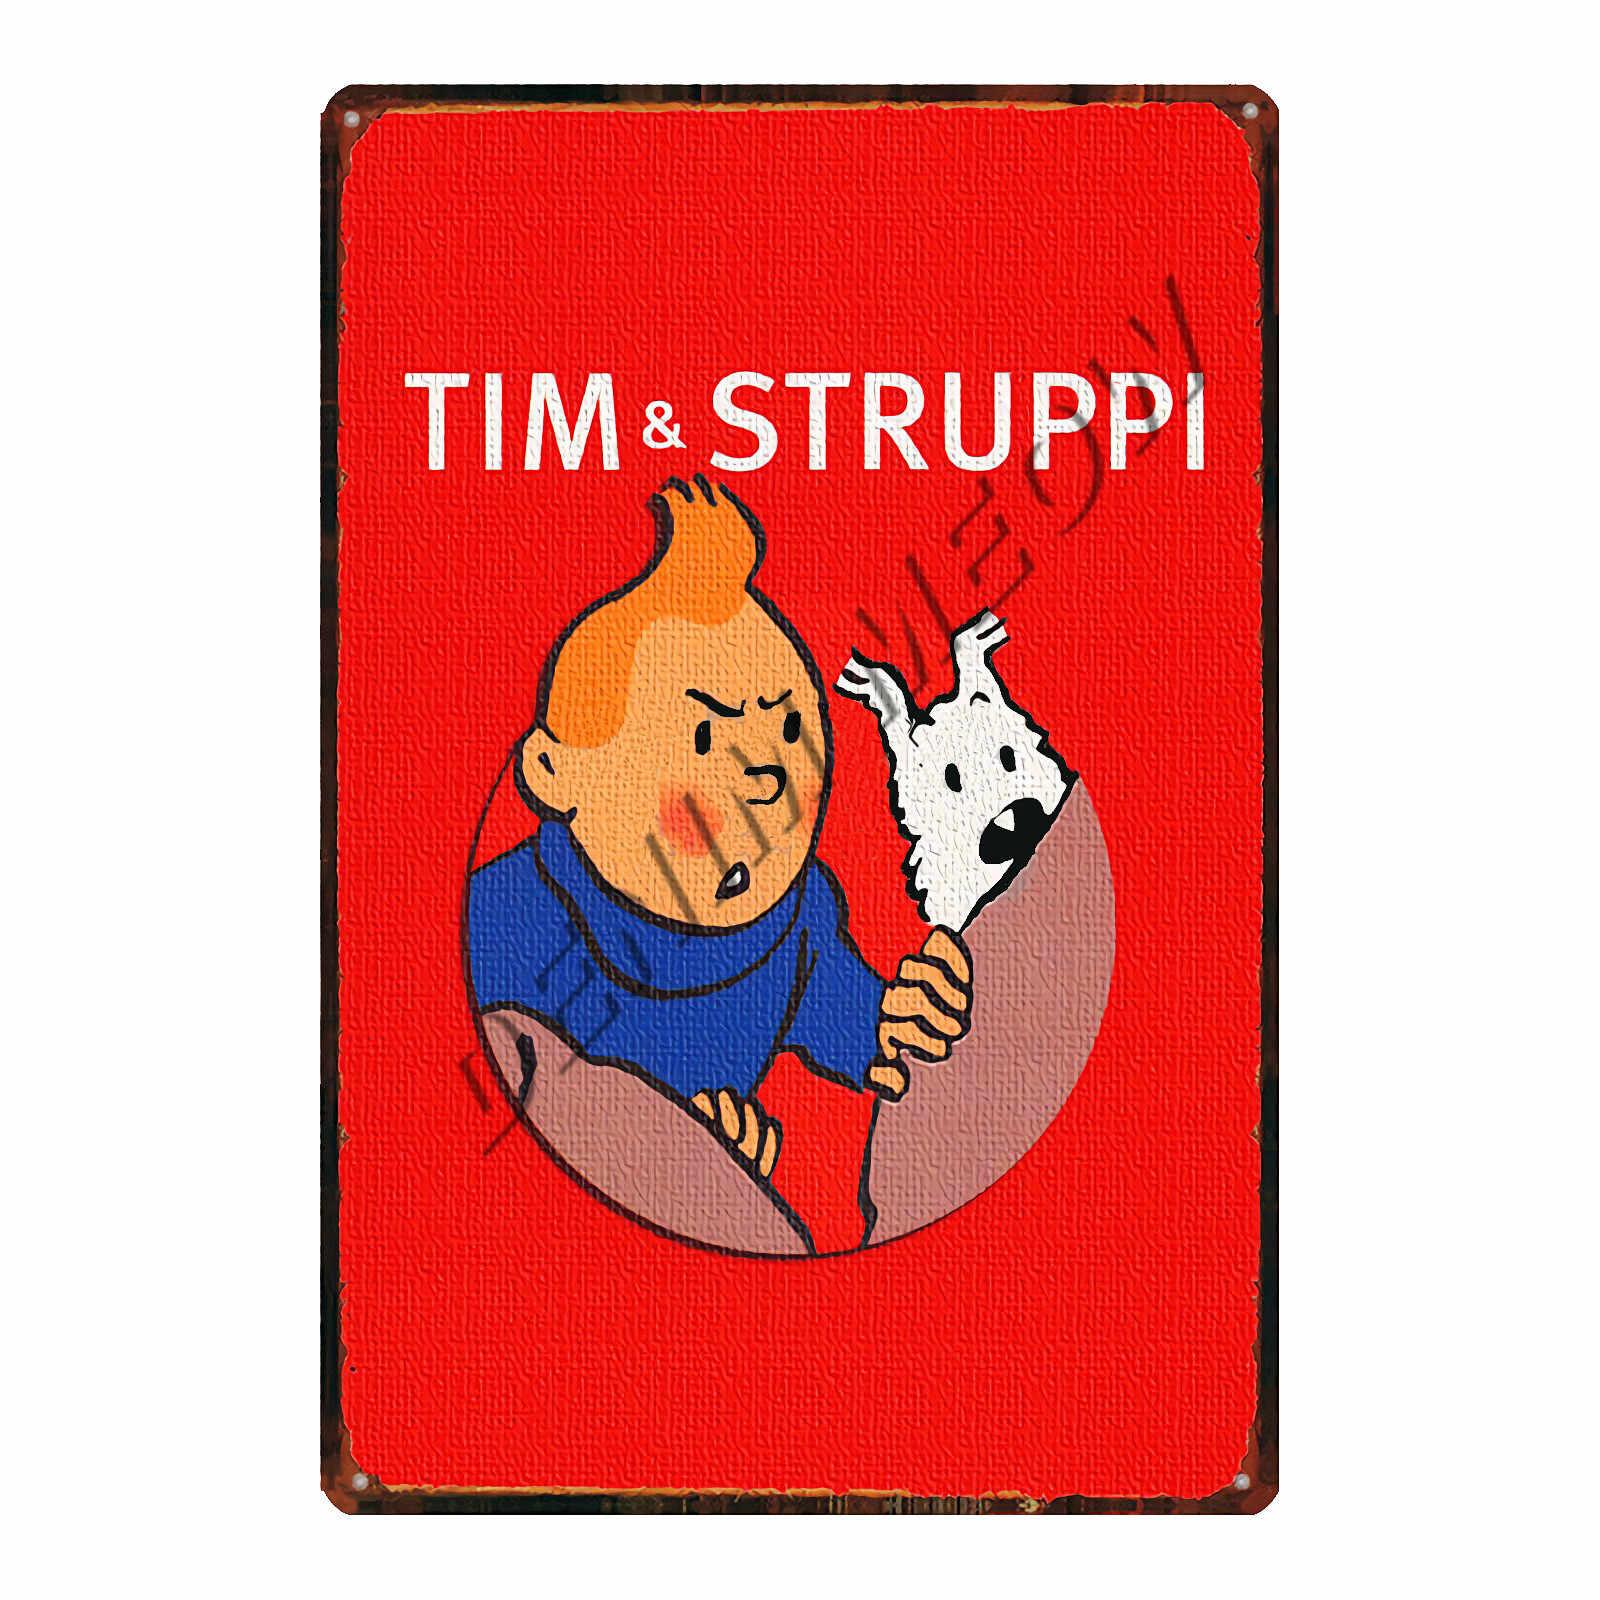 Vintage Tintin Cartoon charakter filmowy znak blaszany plakat Retro przygody Tintin metalowa płytka dzieci prezent wystrój pokoju WY109